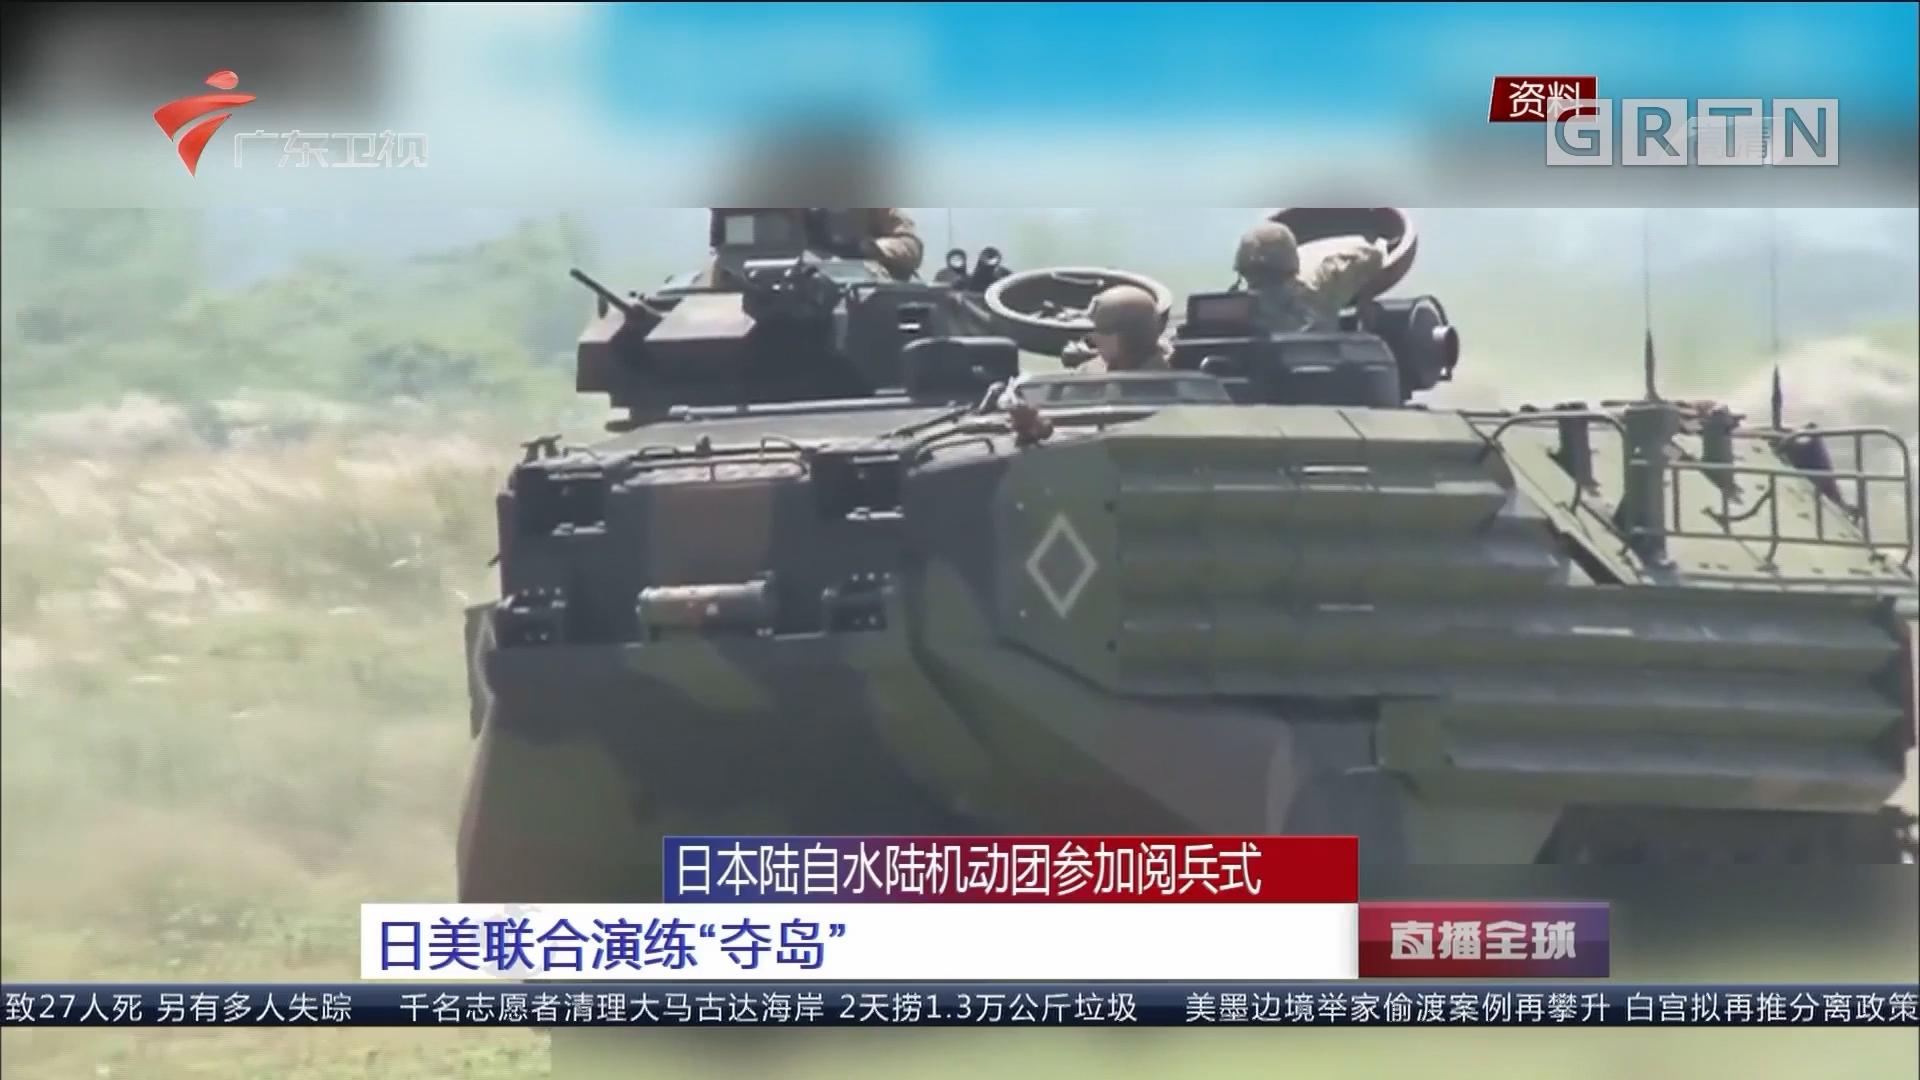 日本陆自水陆机动团参加阅兵式 新闻链接:AAV-7水陆两栖战车